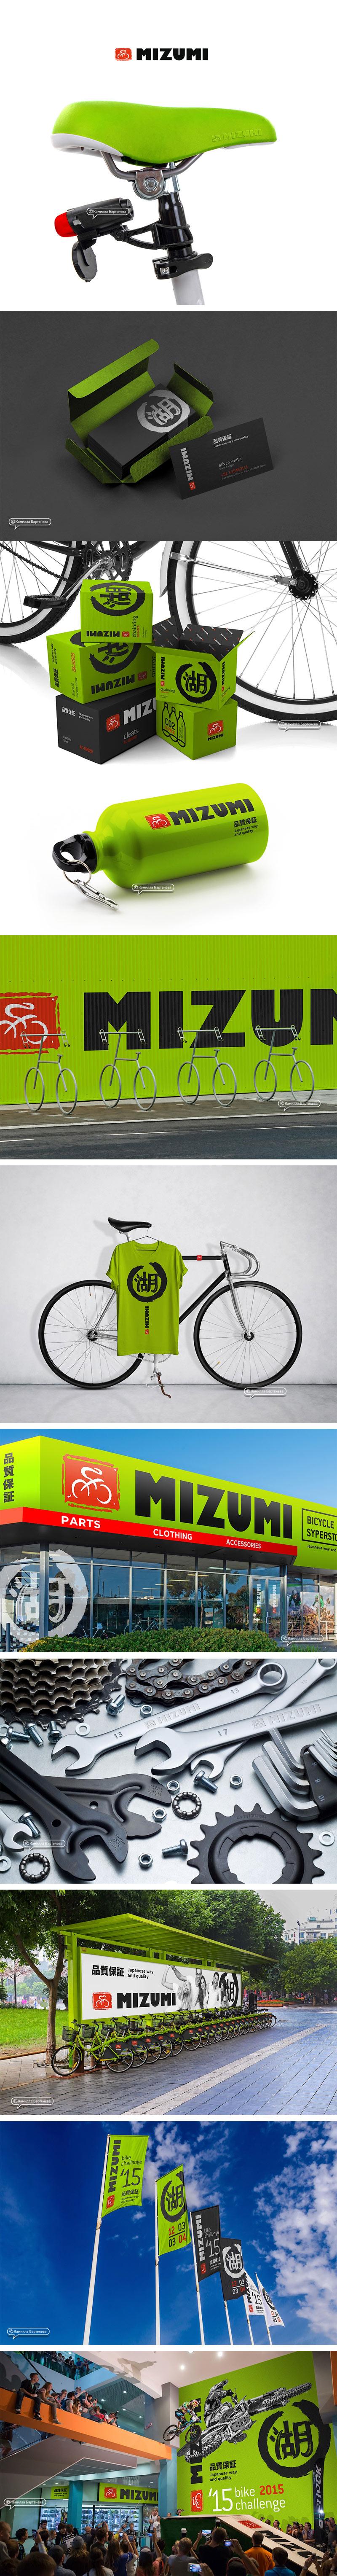 Mizumi запчасти для велосипедов